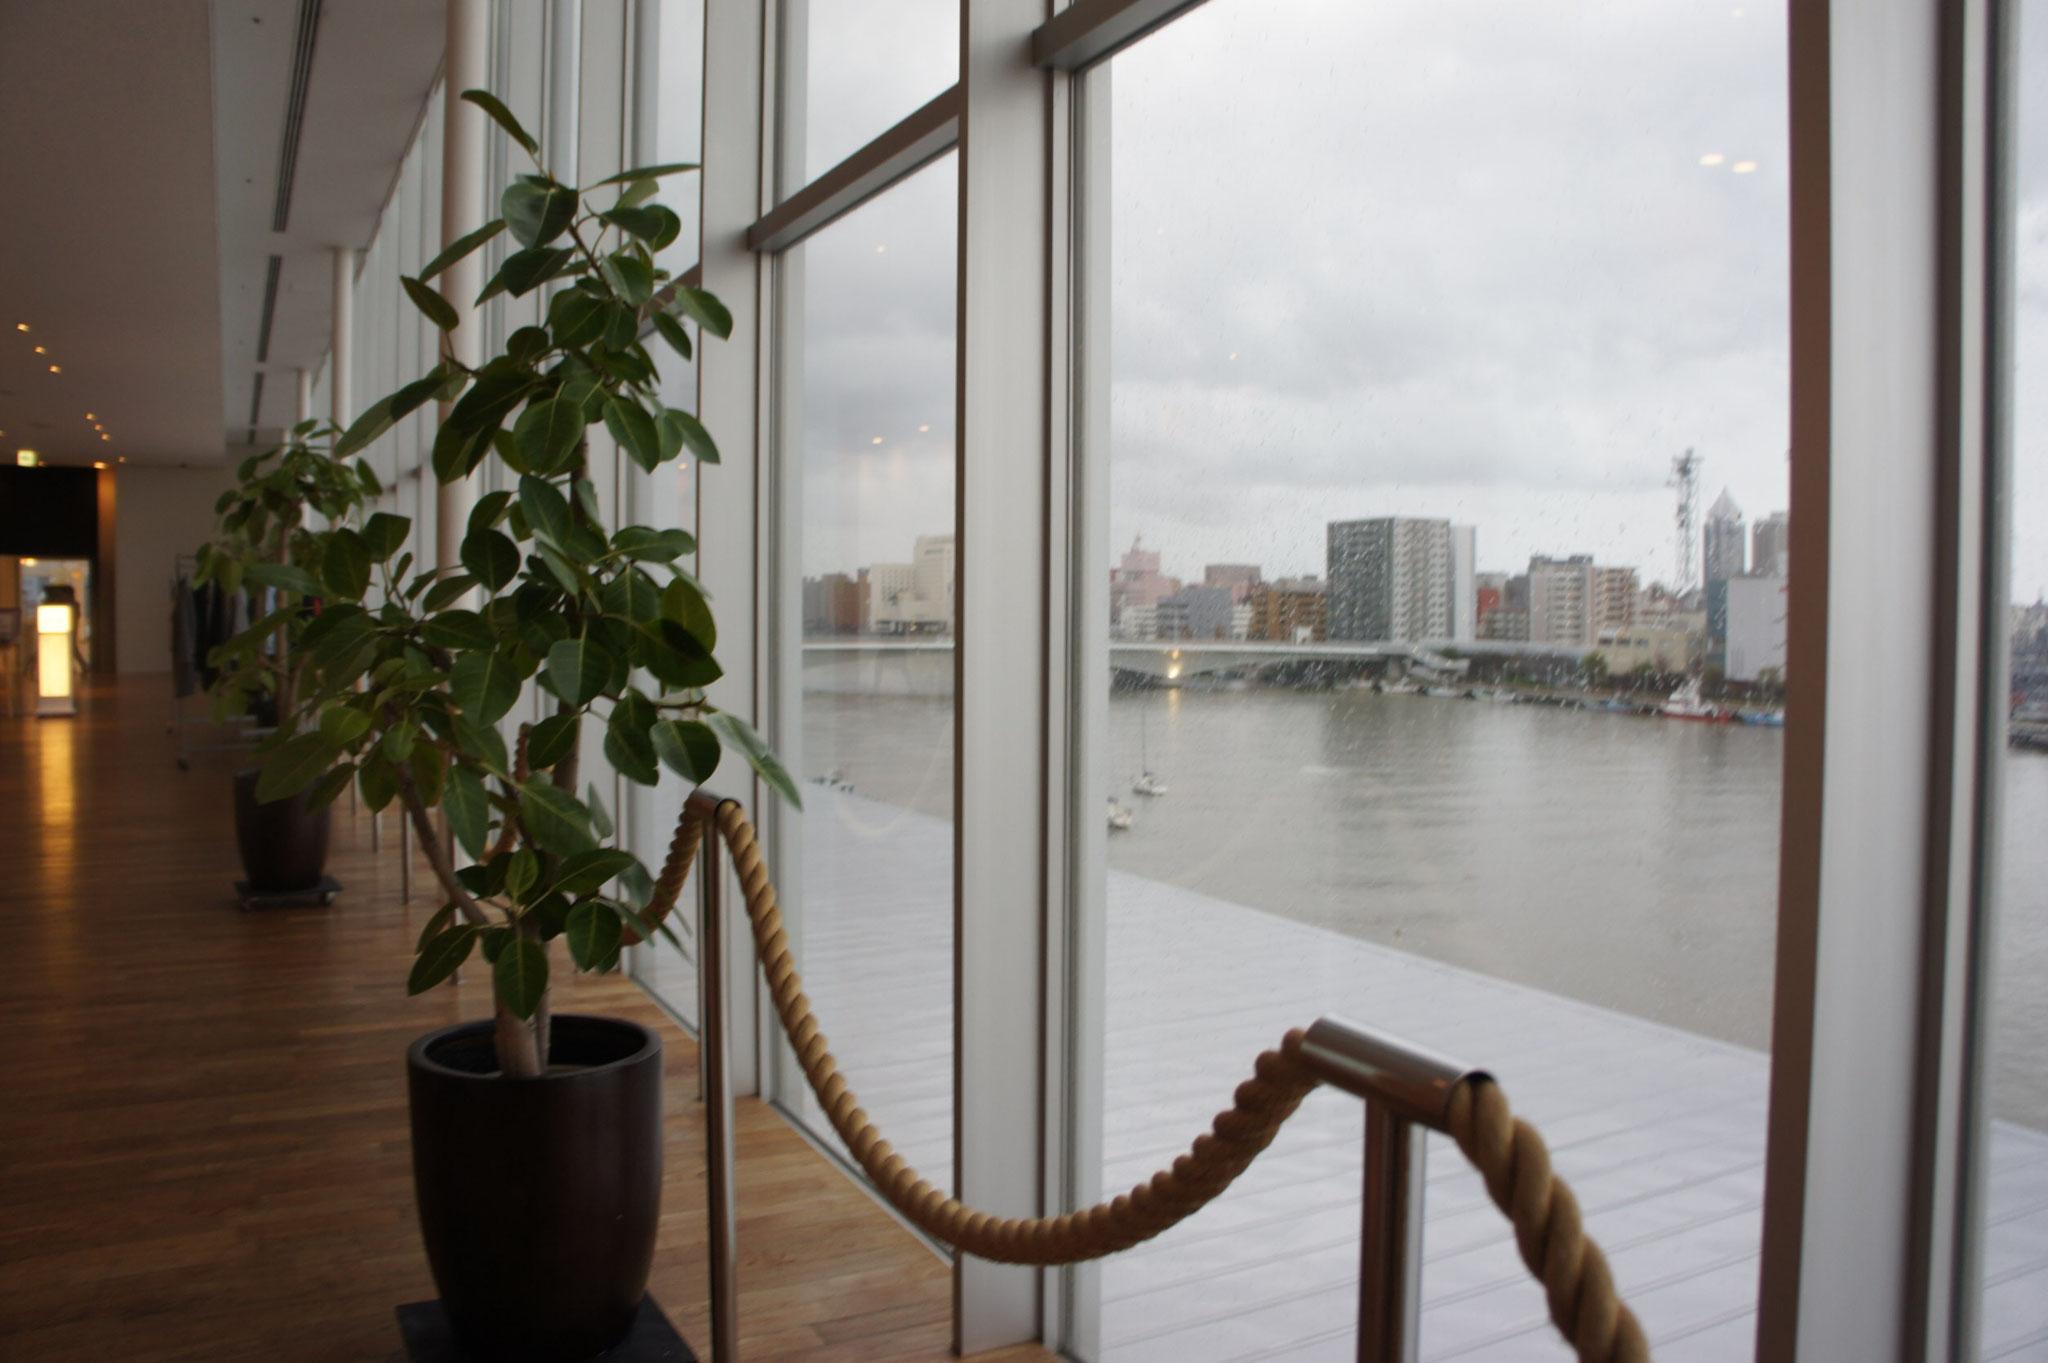 あいにくの雨でしたが新潟市らしい信濃川の景色が一望できました。